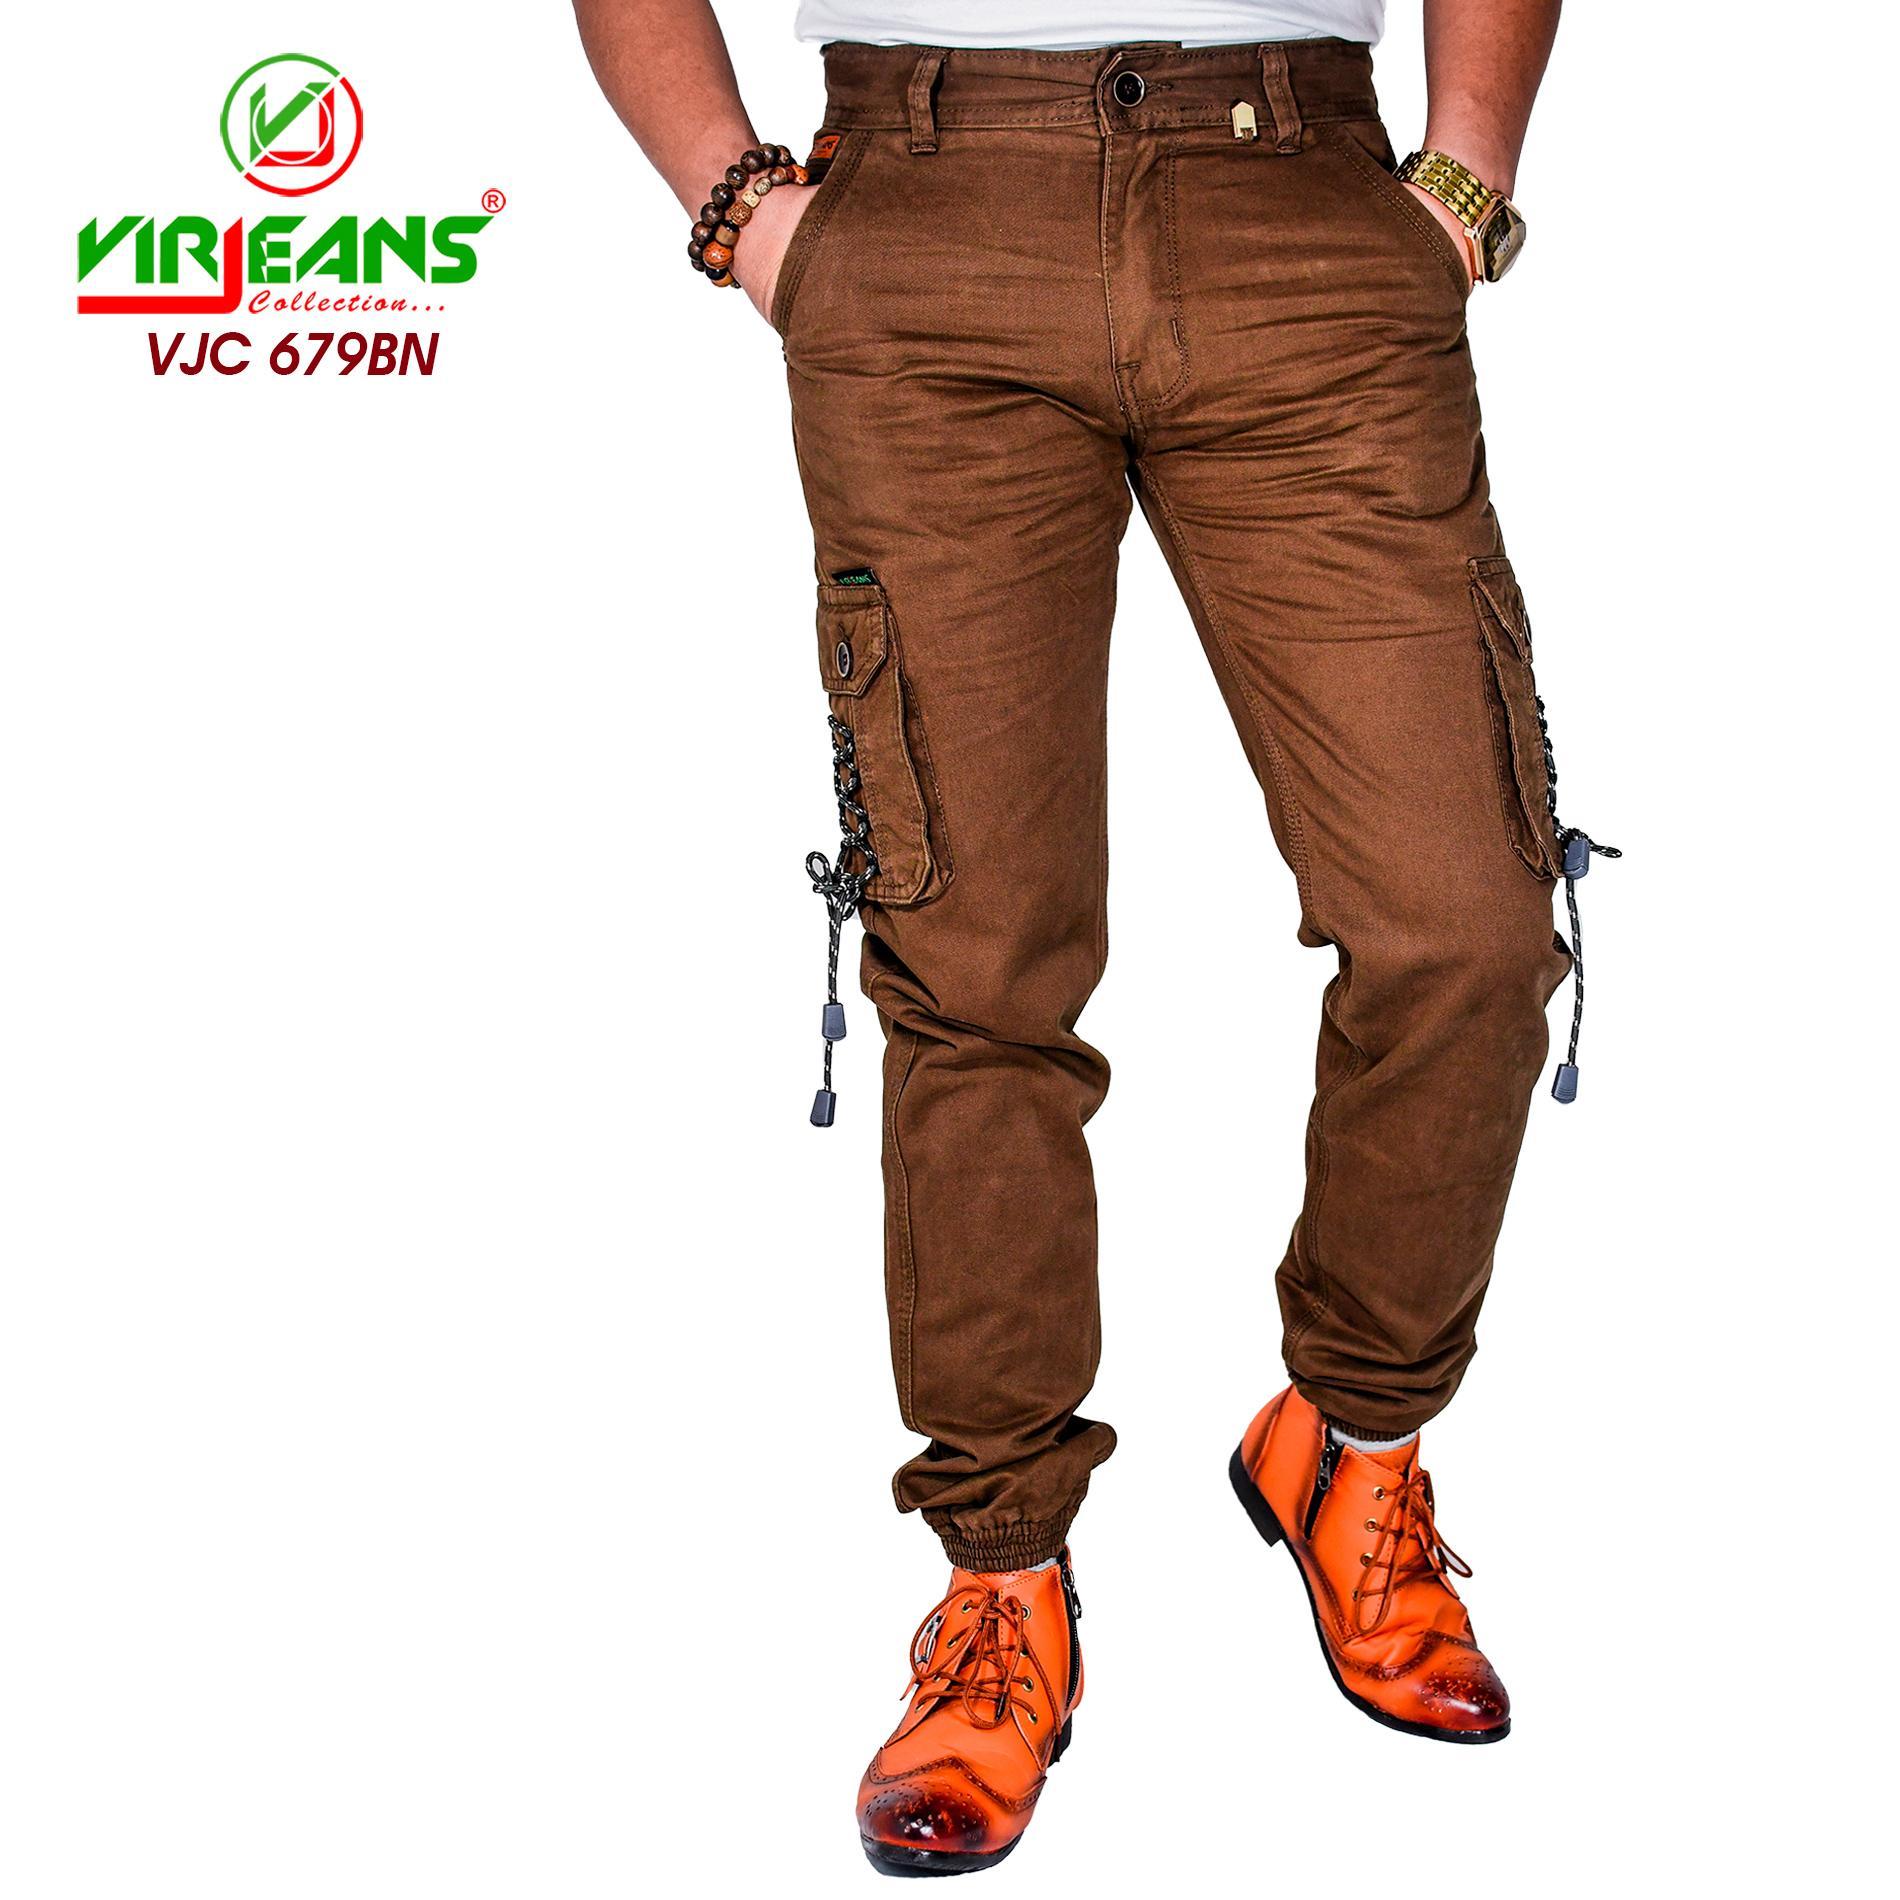 Virjeans Cotton Box (Cargo) Joggers Pant (VJC 679)